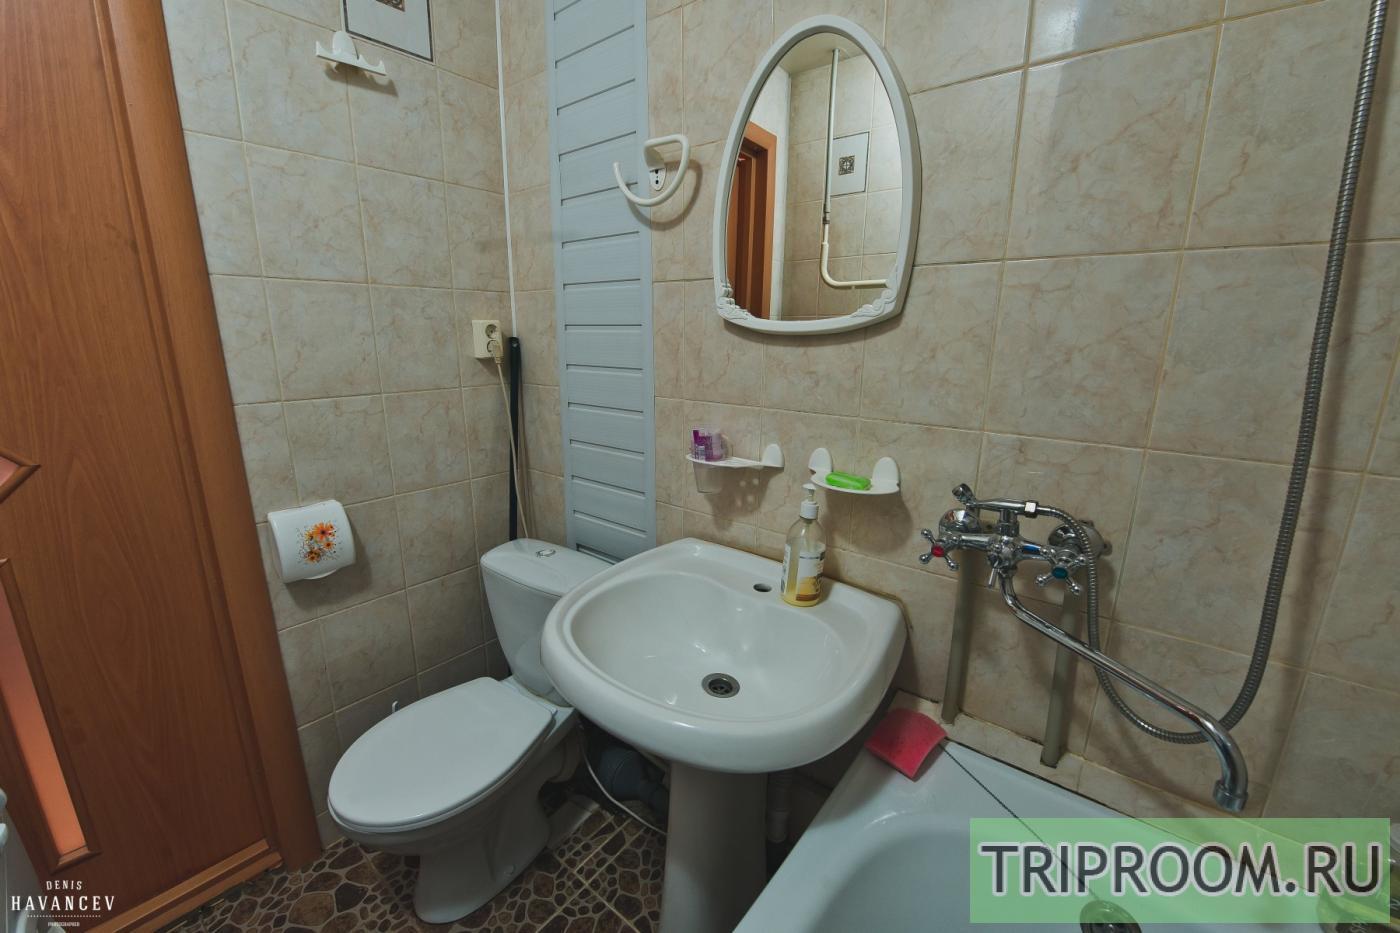 1-комнатная квартира посуточно (вариант № 14829), ул. Космонавтов набережная, фото № 11